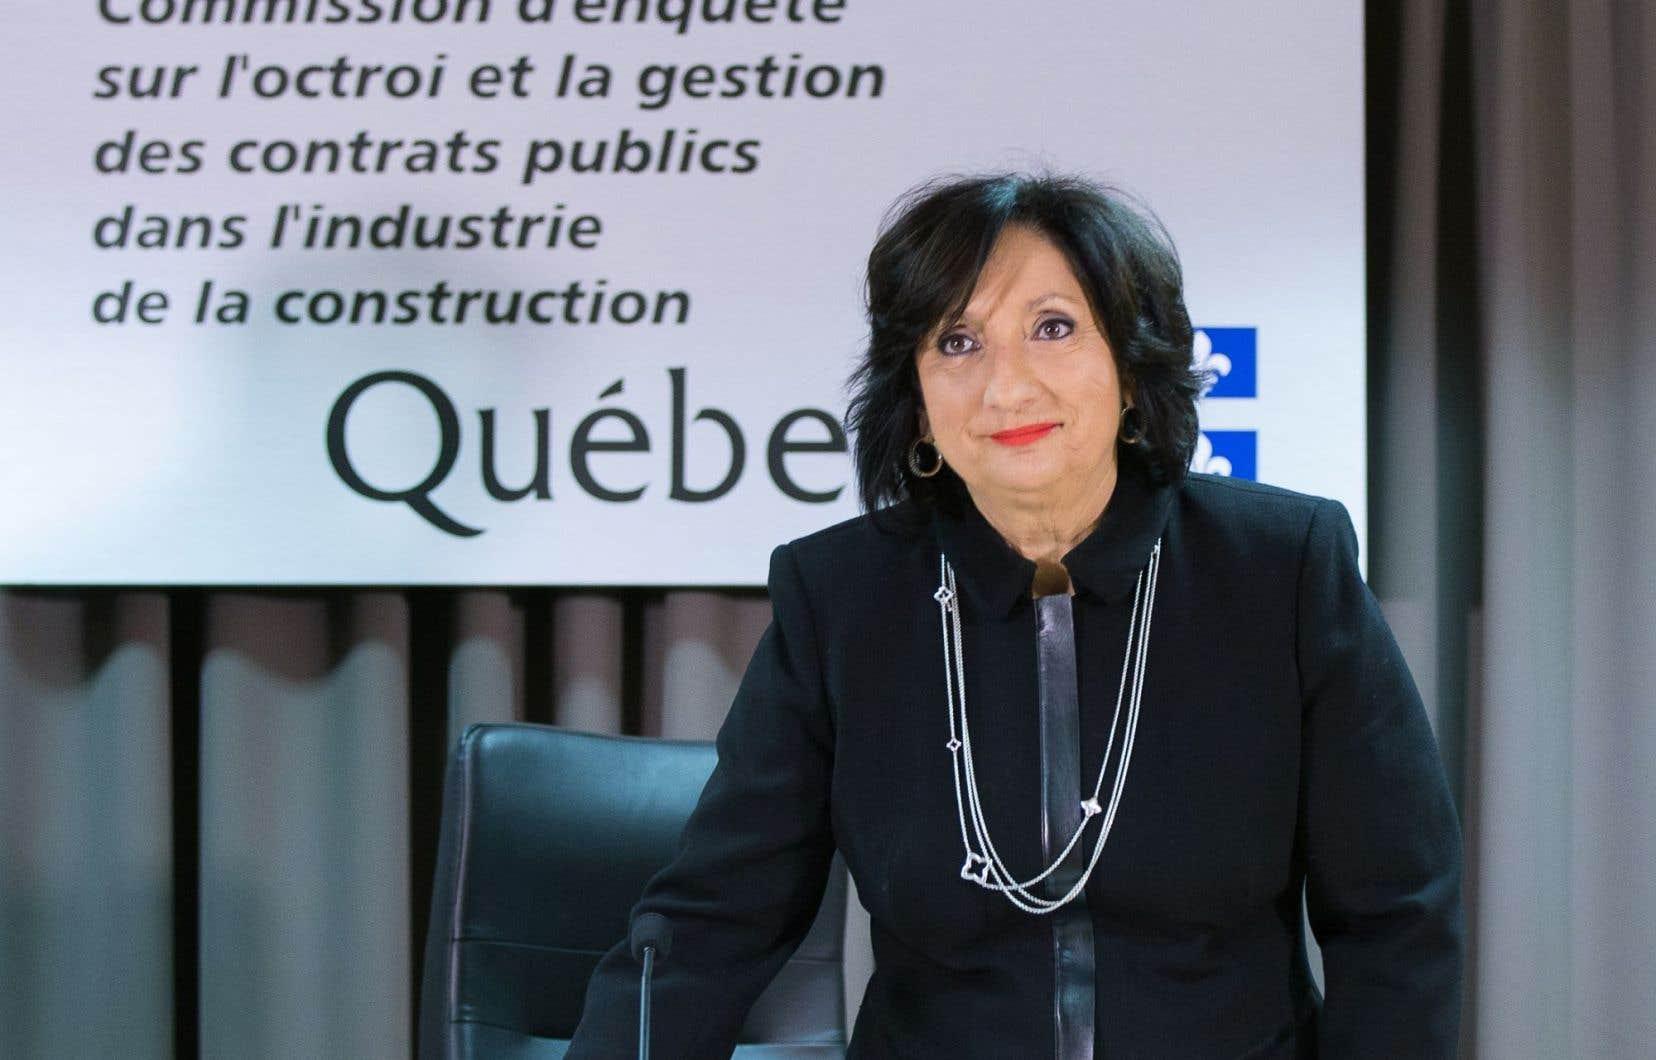 La juge France Charbonneau avait entre autres recommandé de reconstruire l'expertise interne du ministère.